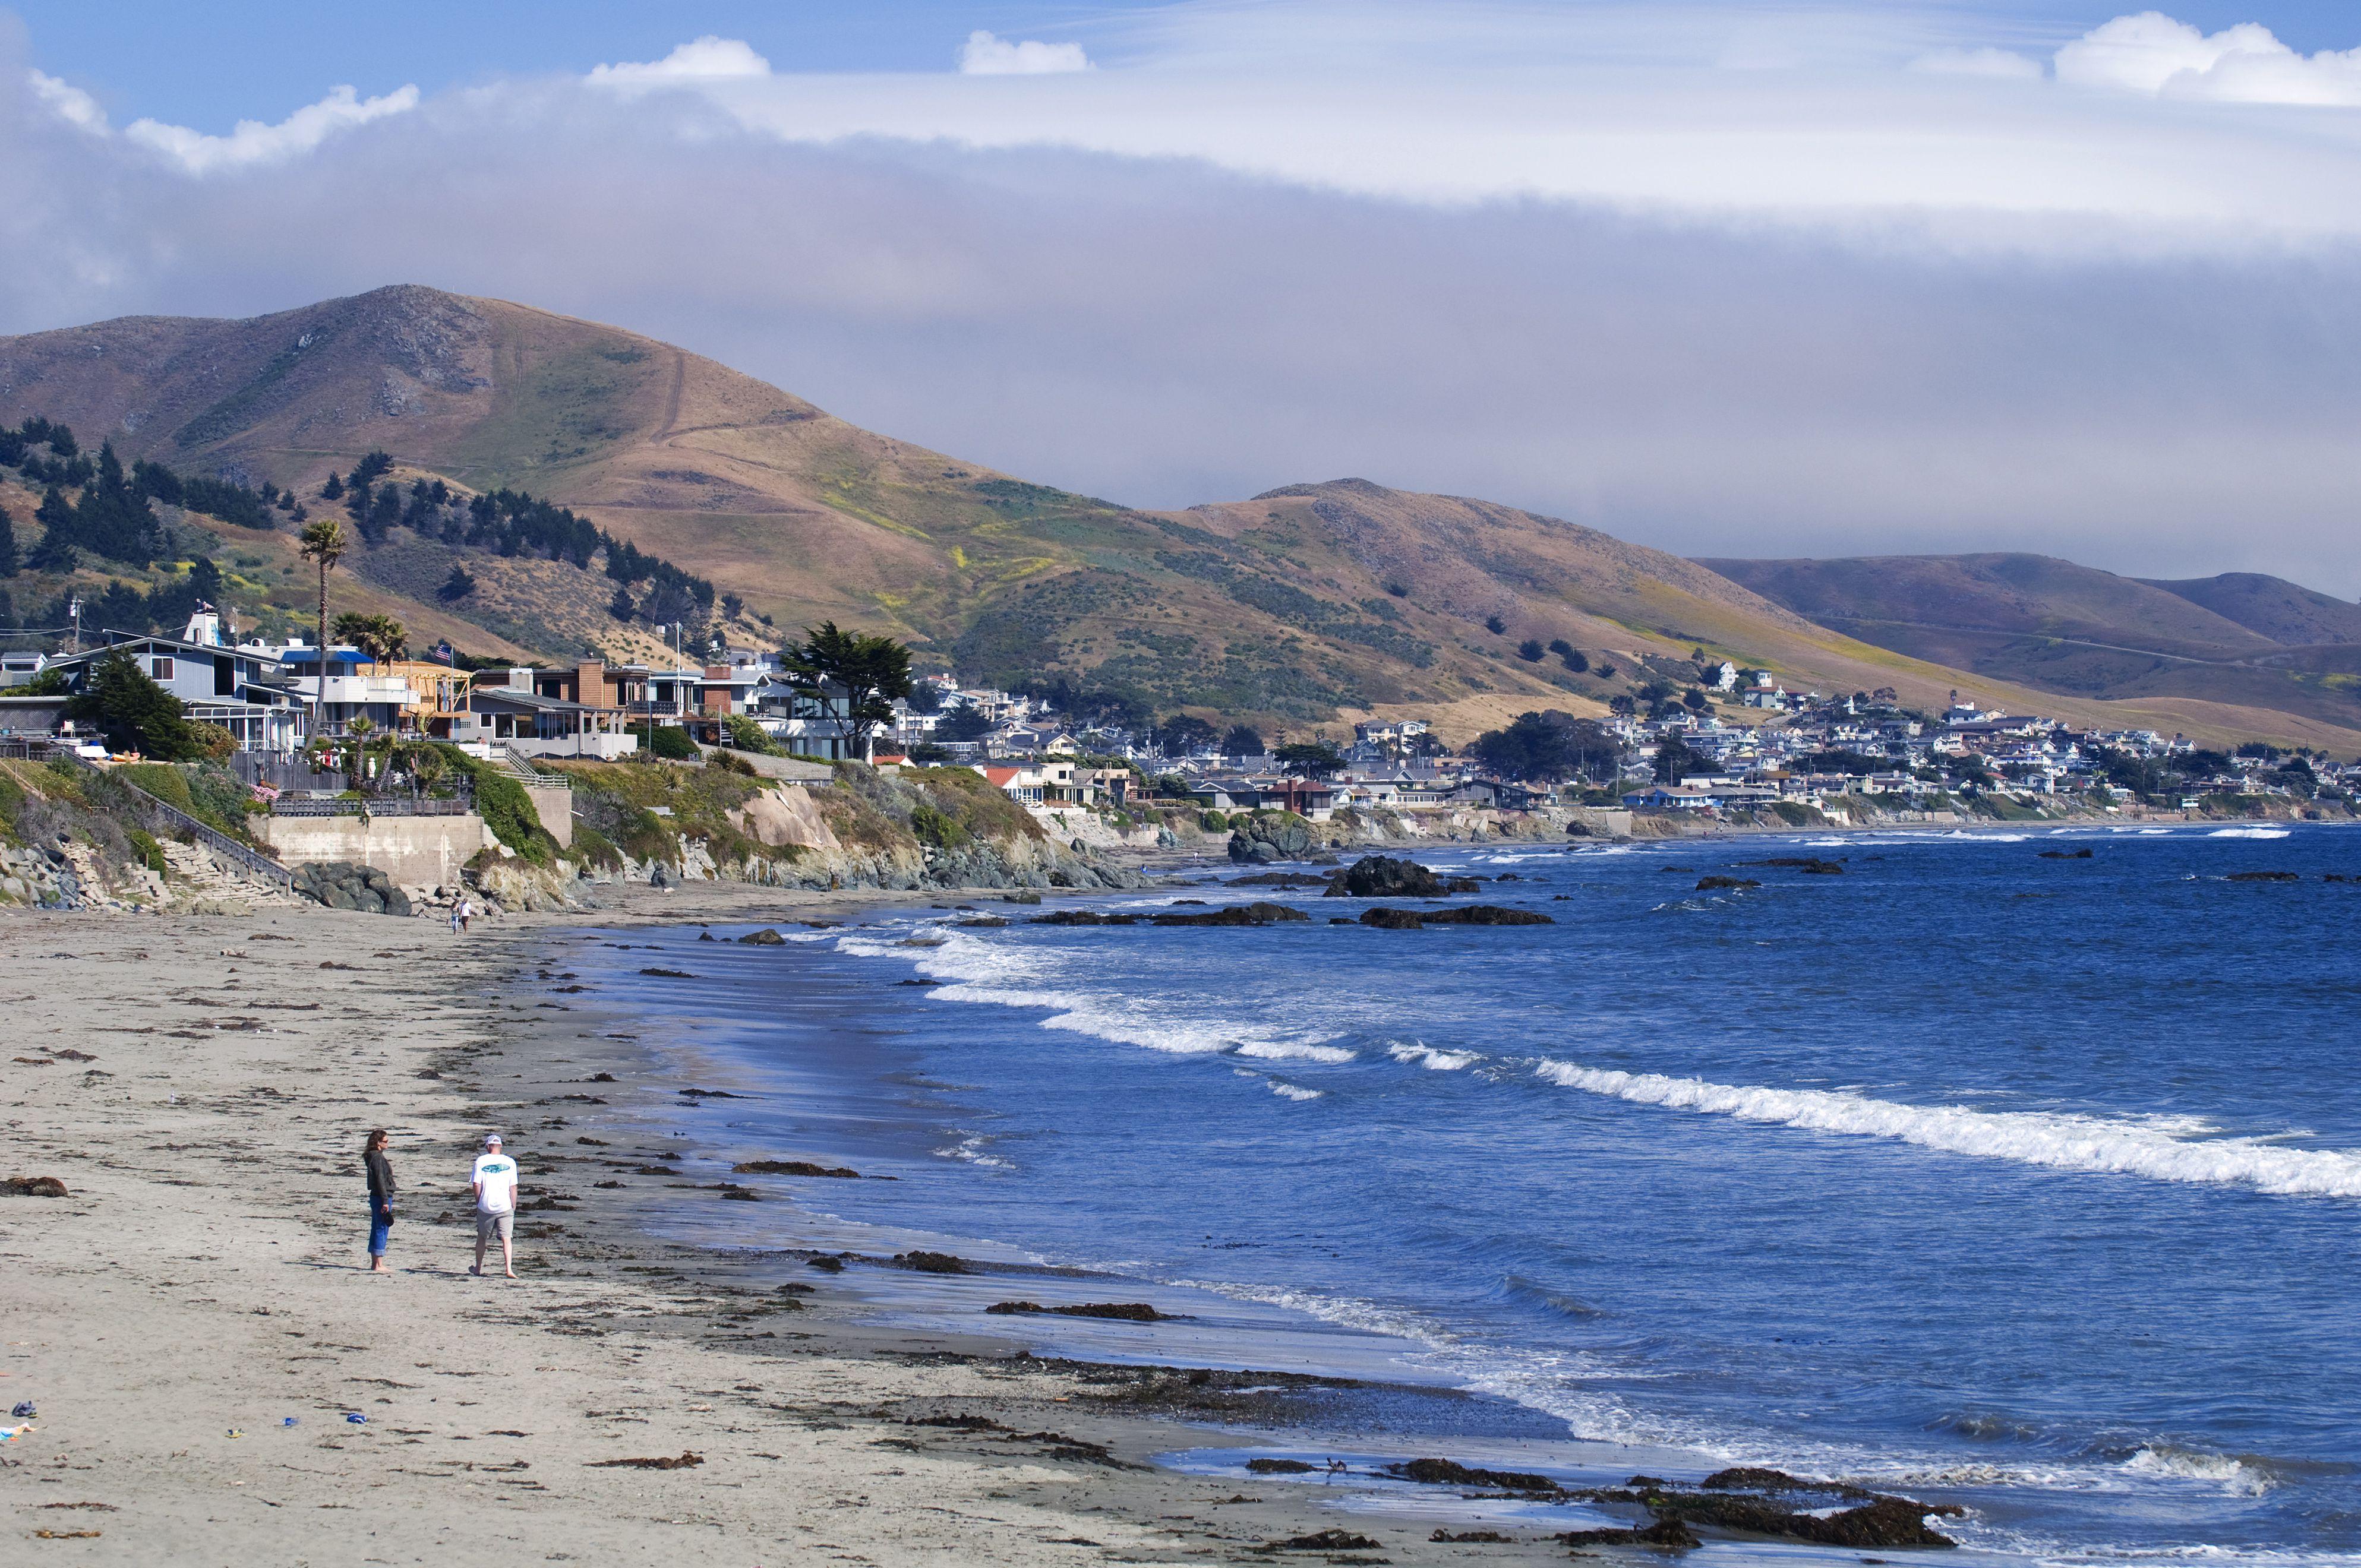 Playa en la costa costera de California, ciudad costera de Cayucos, ubicada en la Bahía Estero de la autopista 1